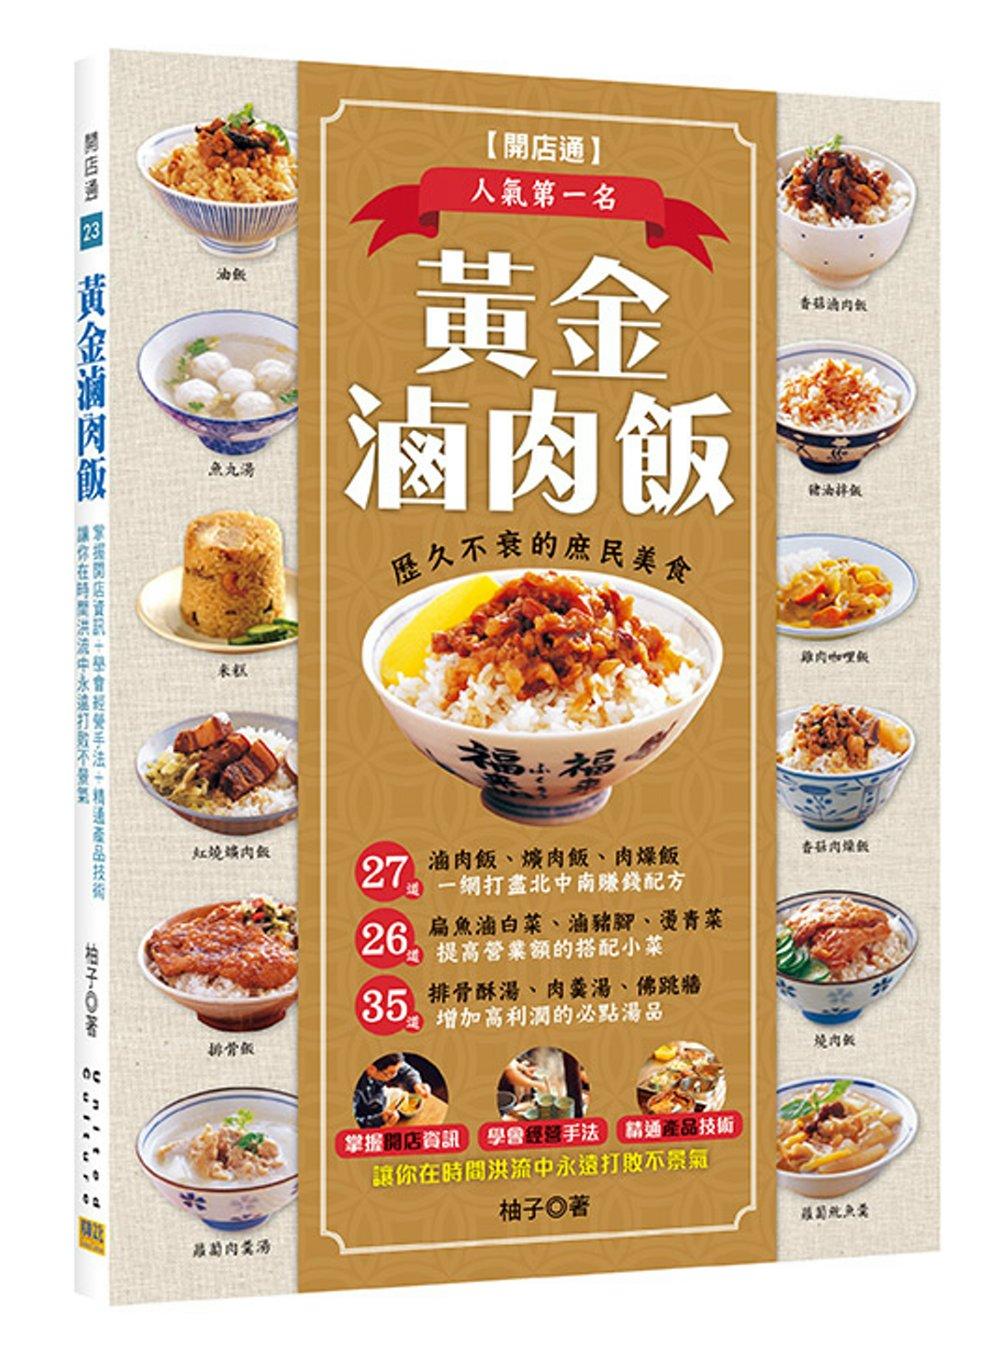 黃金滷肉飯:27道一網打盡北中南賺錢配方,26道提高營業額的 小菜,35道增加高利潤的必點